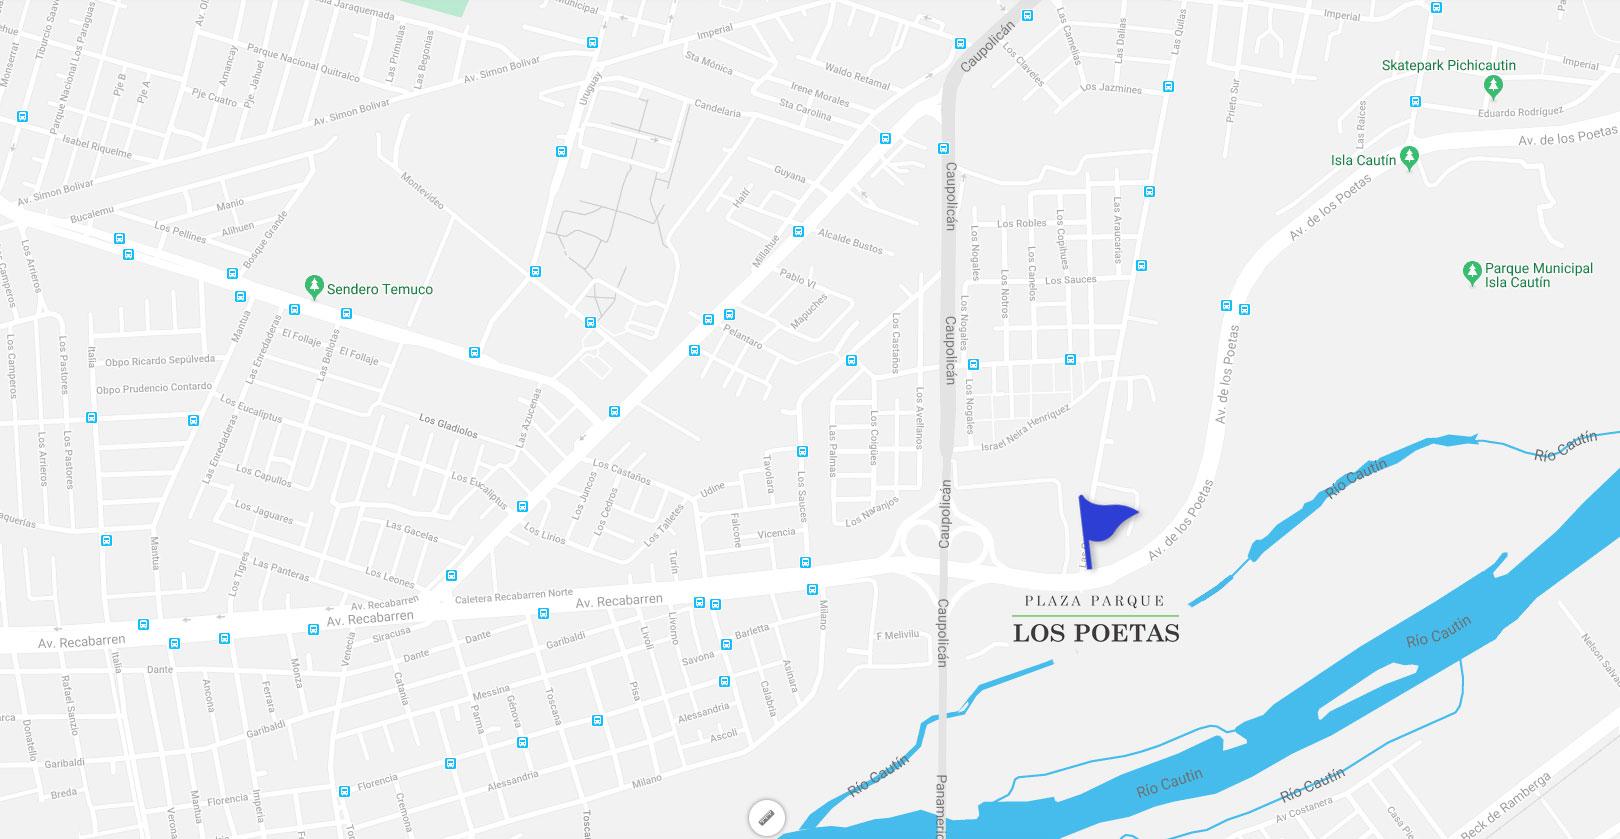 Mapa-plaza parque los poetas-Dubois